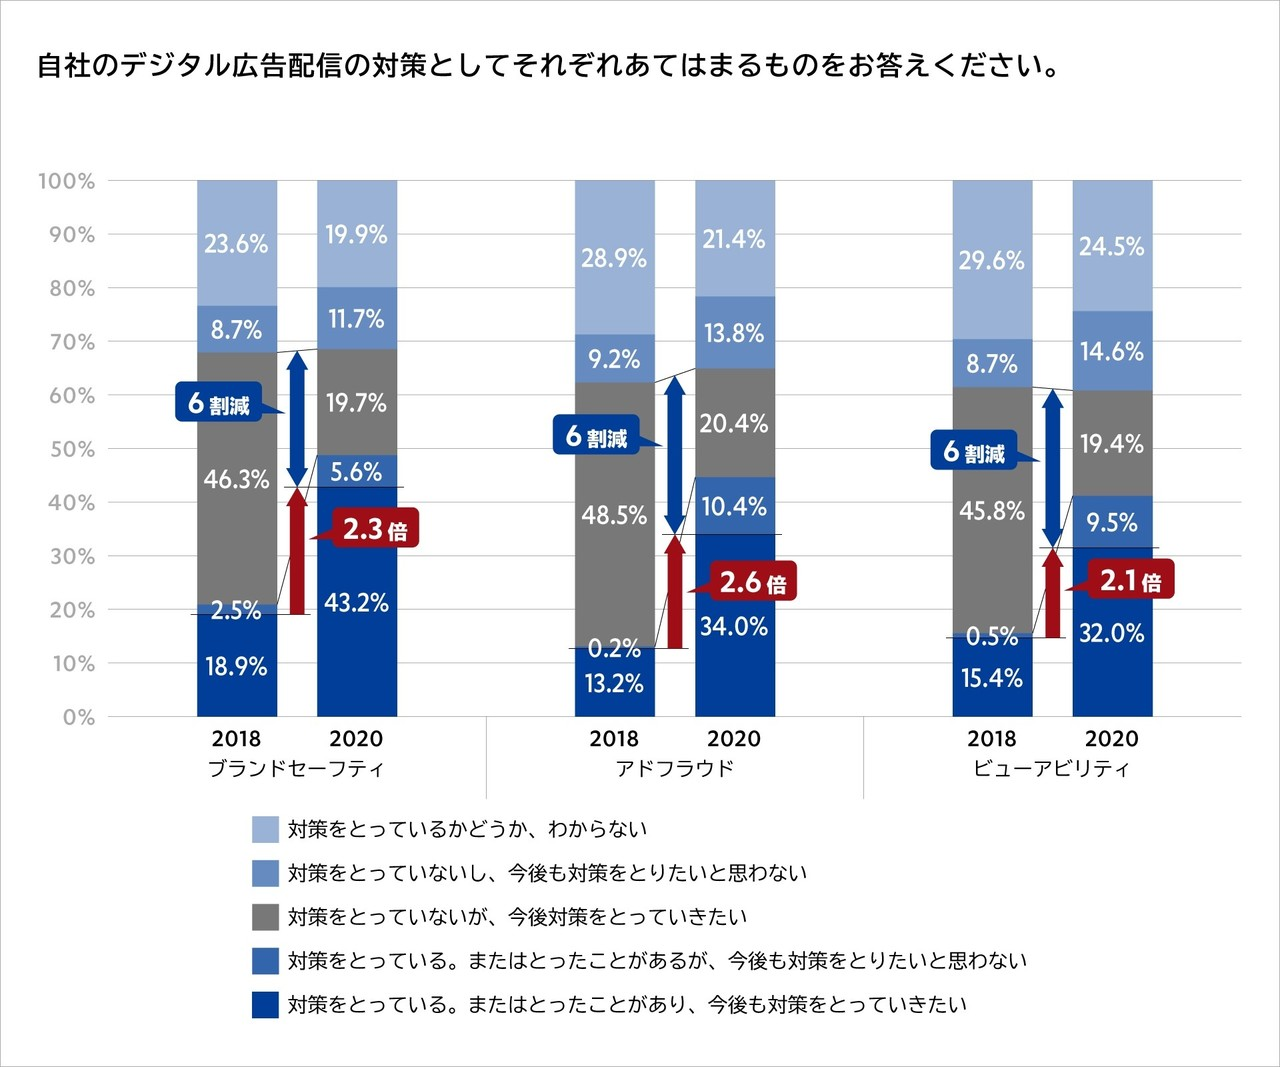 グラフE (1)